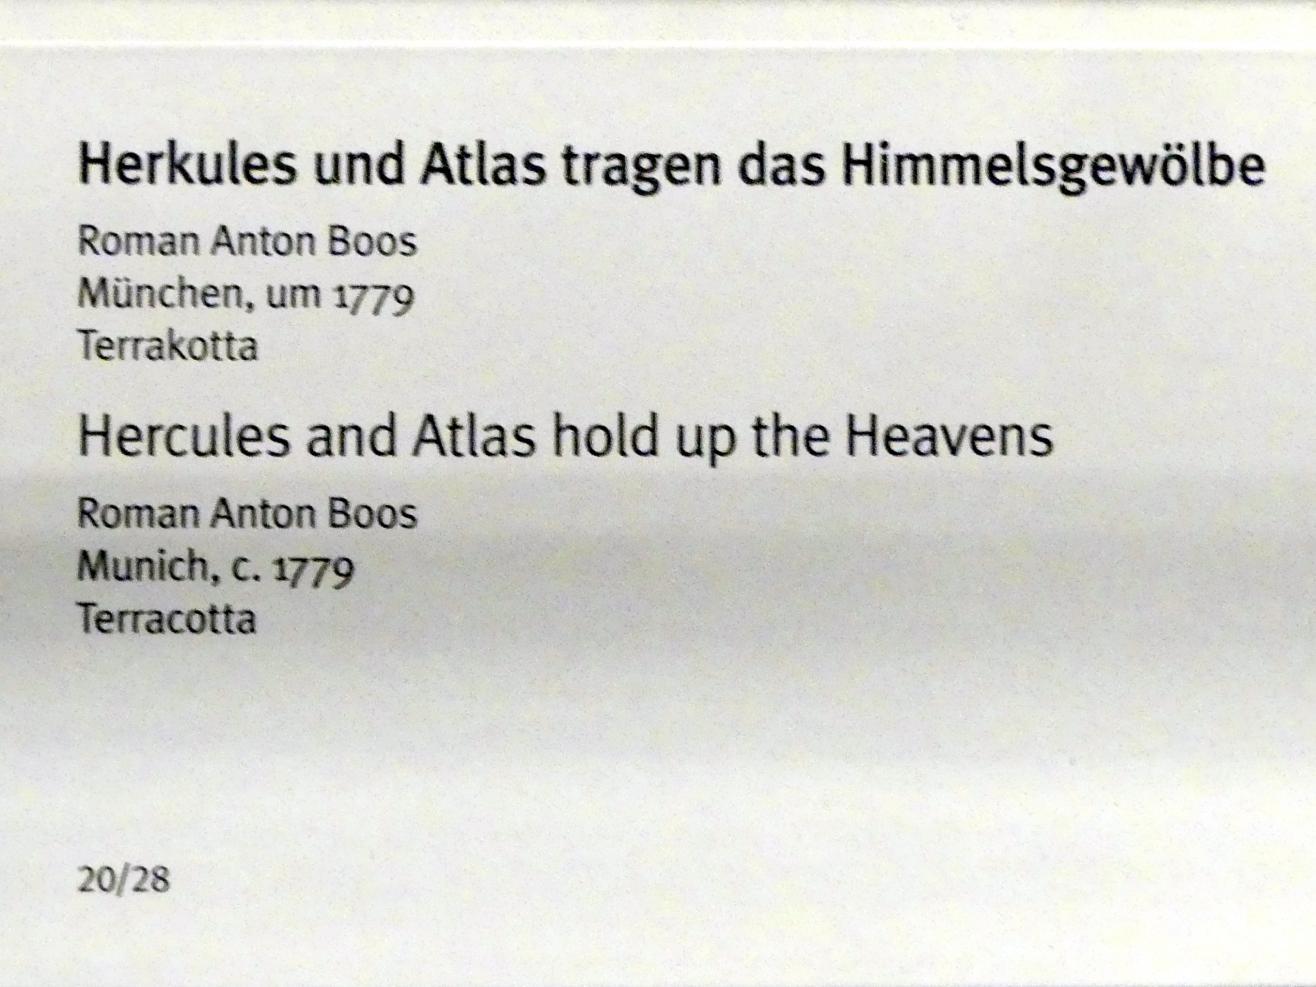 Roman Anton Boos: Herkules und Atlas tragen das Himmelsgewölbe, um 1779, Bild 2/4